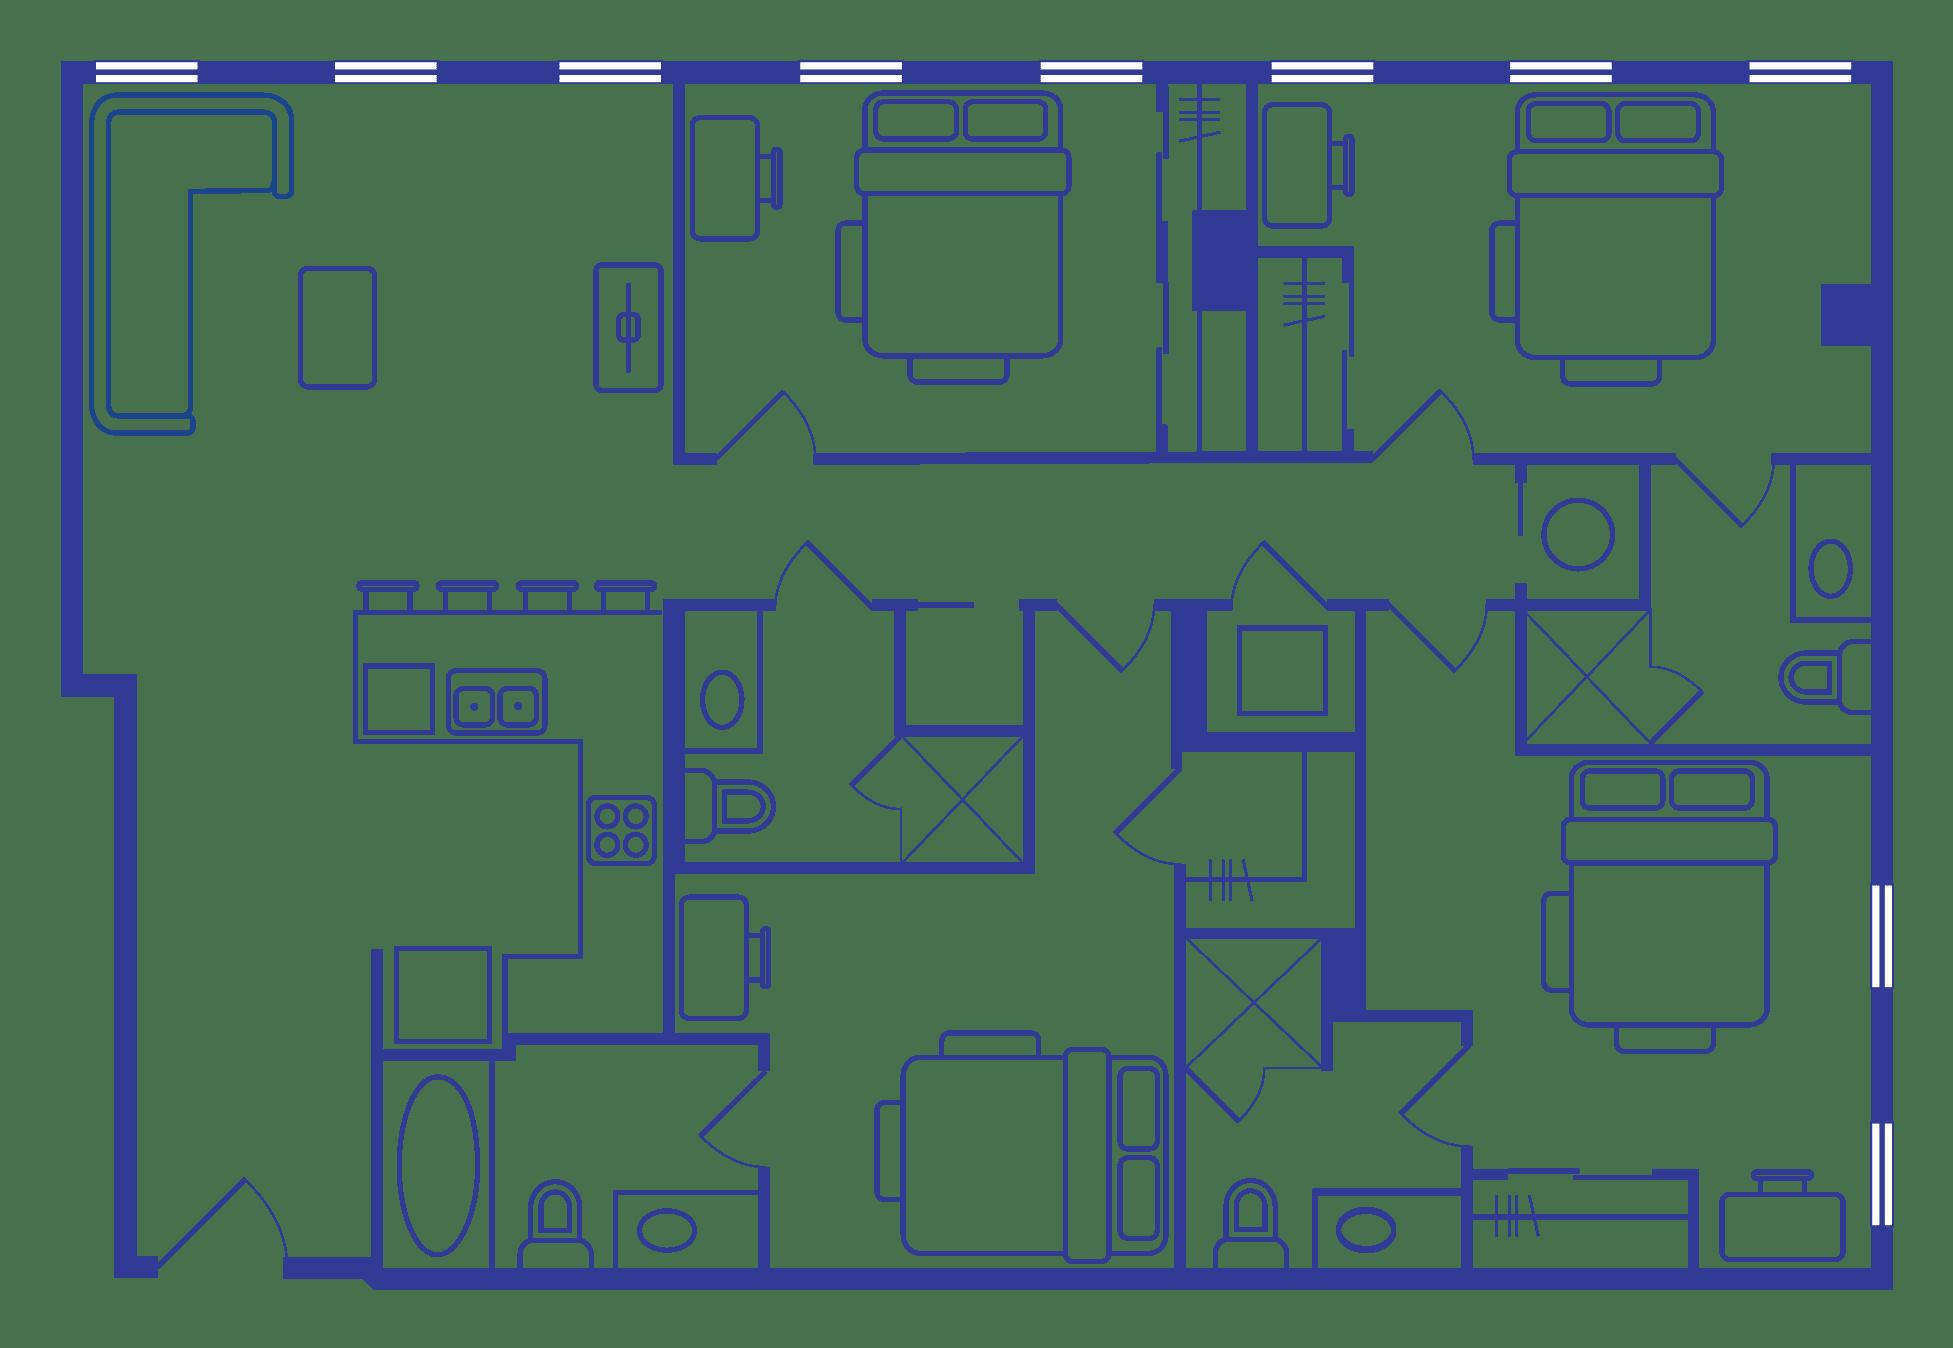 4 Bedroom Floorplan 4